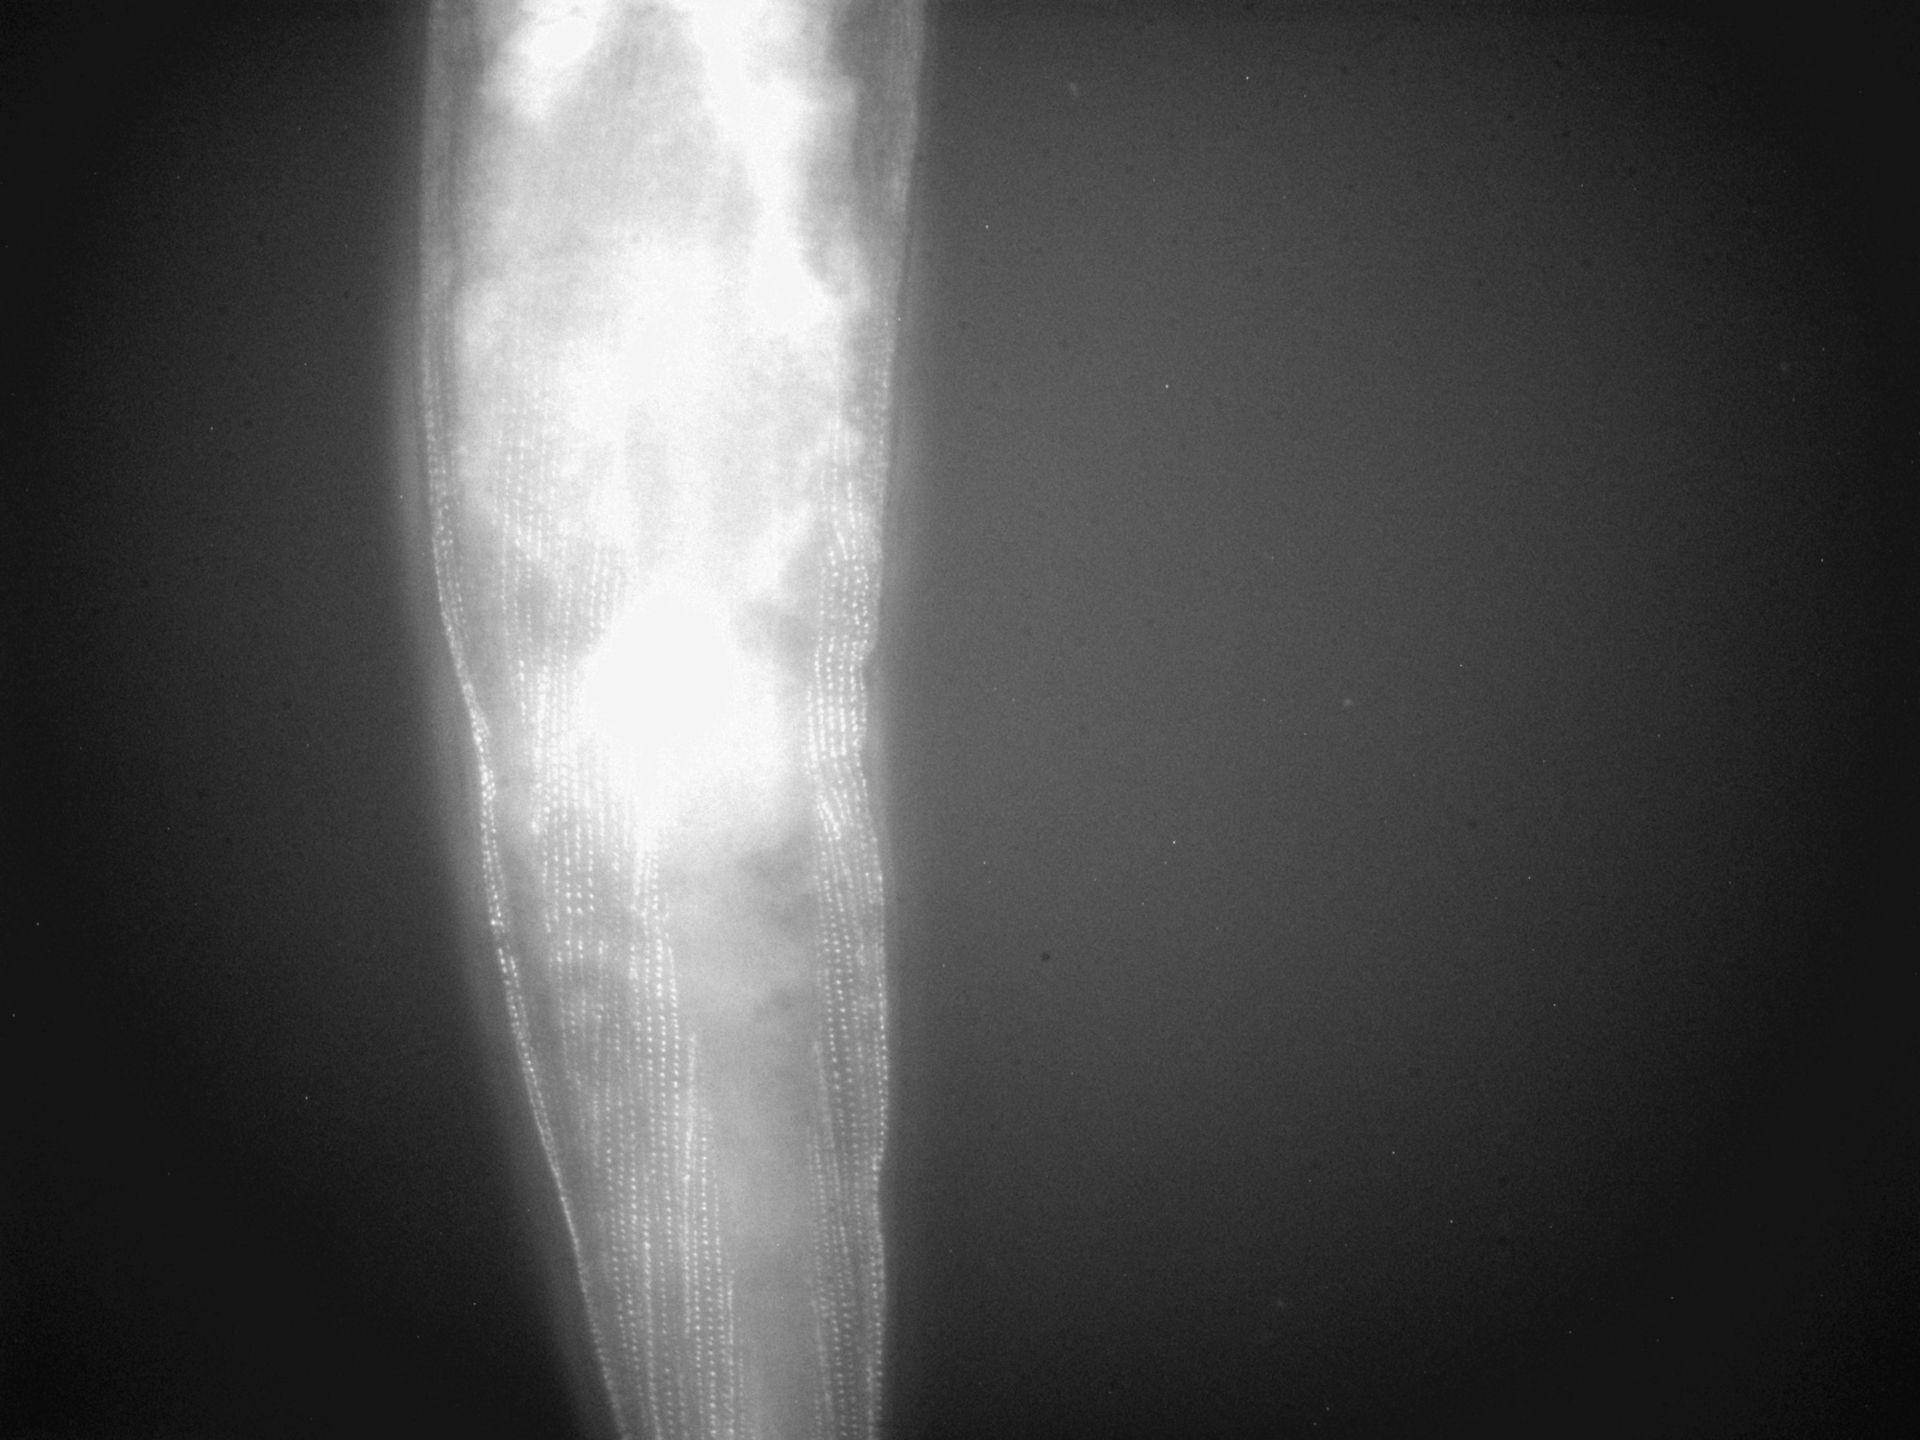 Caenorhabditis elegans (filamento di actina) - CIL:1303